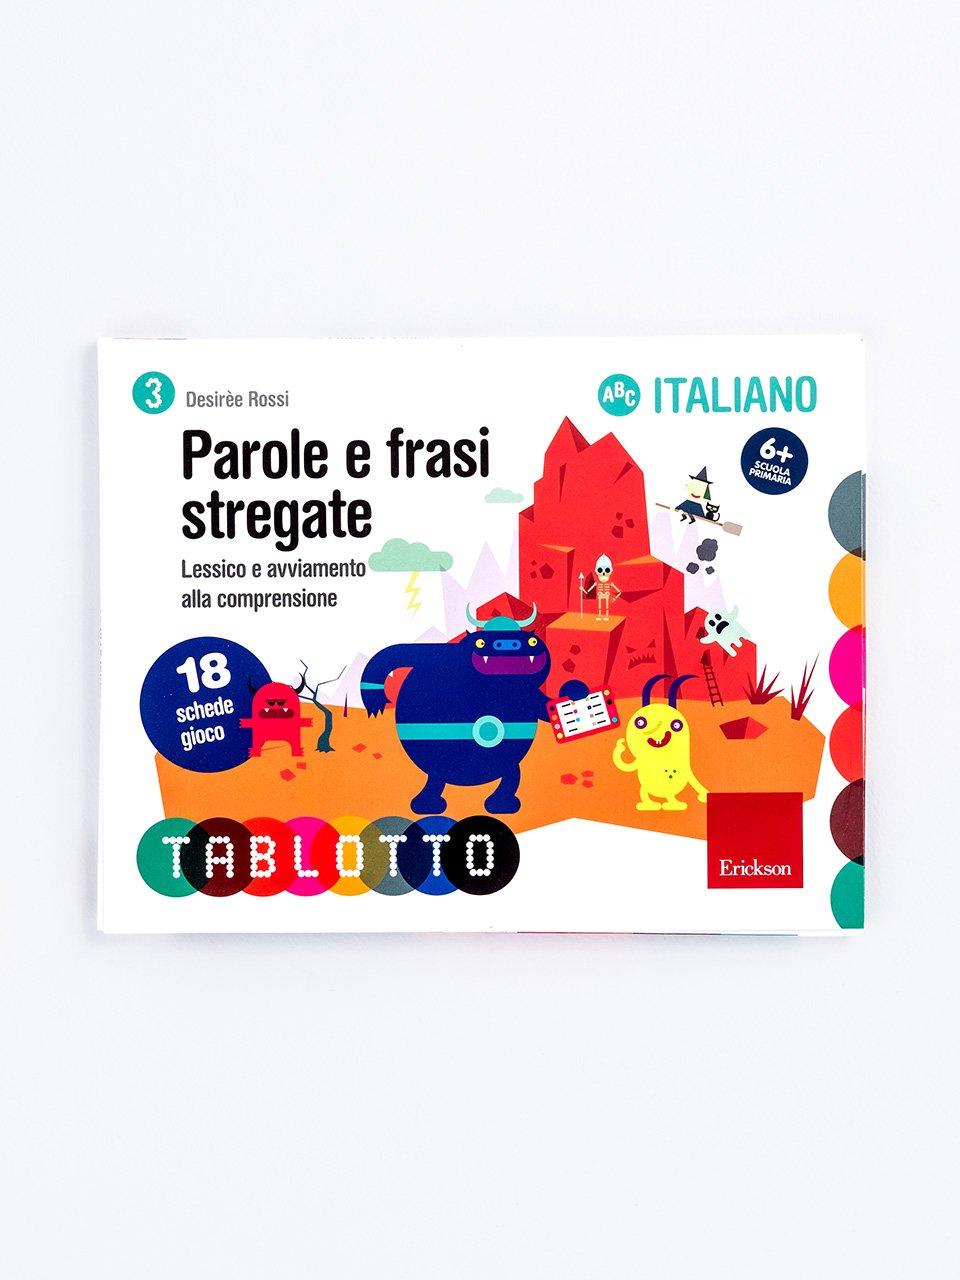 Schede per Tablotto (6-8 anni) - Parole e frasi stregate - Tablotto (6-8 anni) - Giochi - Erickson